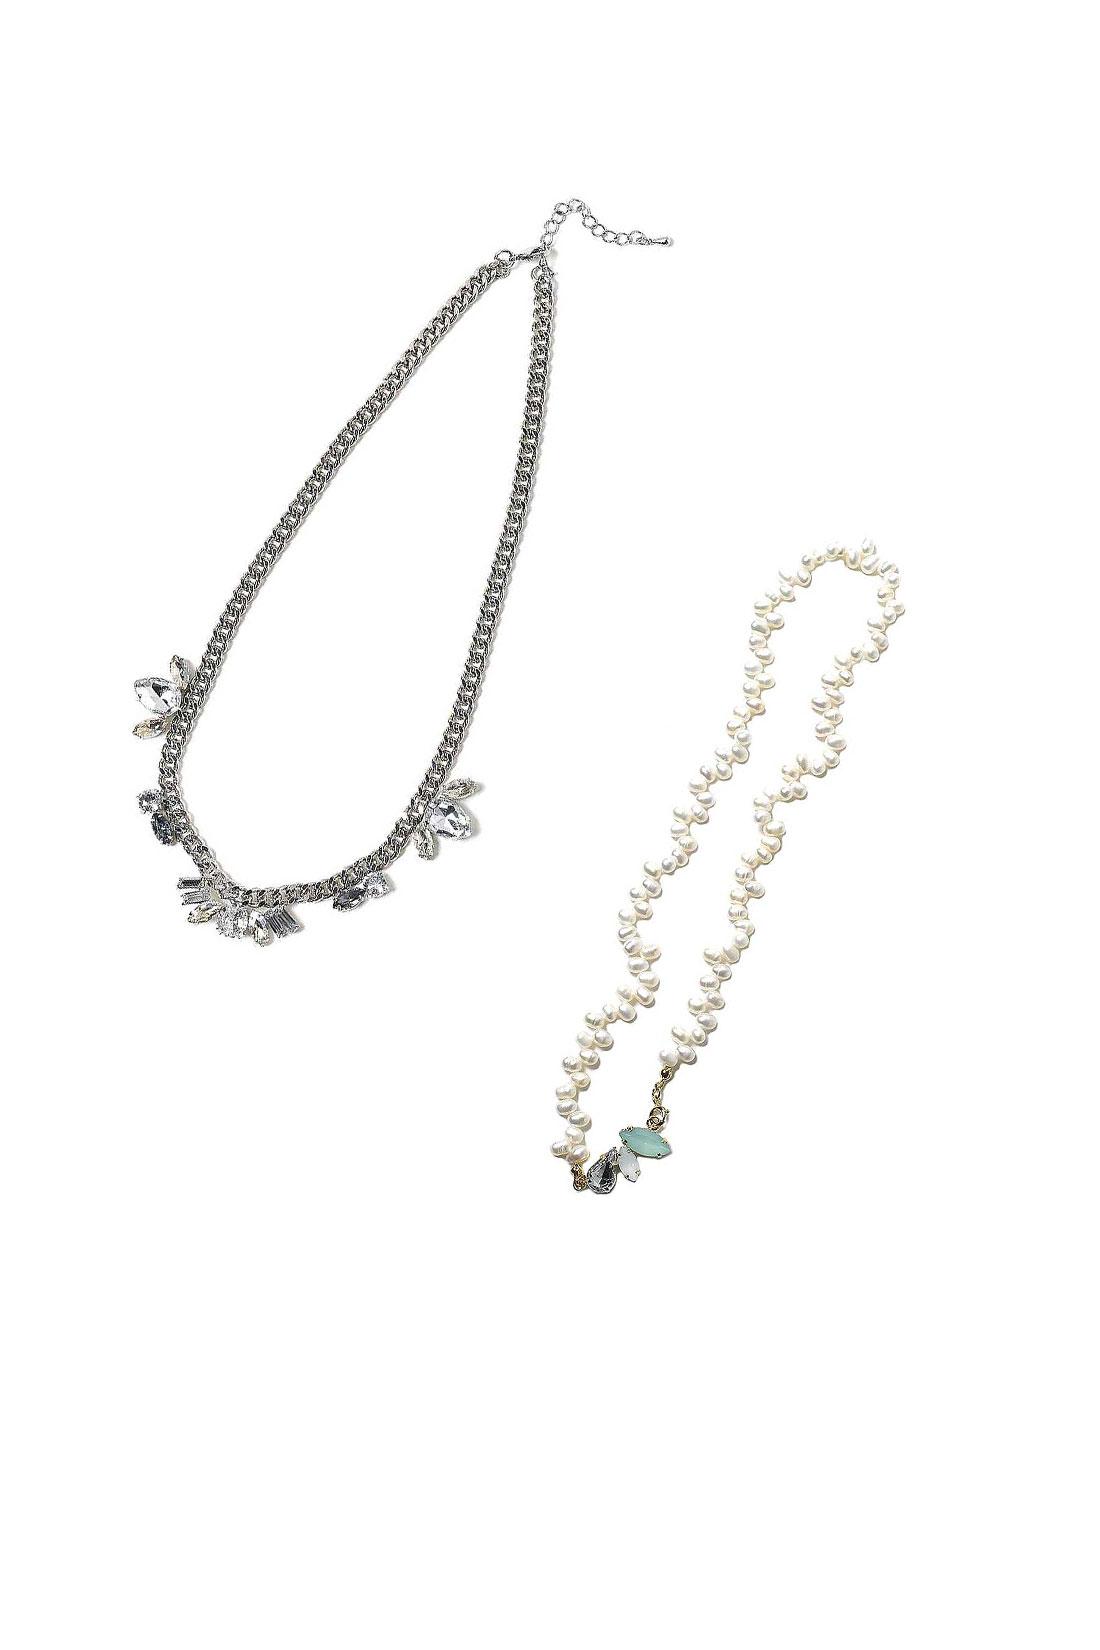 【ビジューネックレス】【淡水パールネックレス】ネックレスはどちらかのデザインをお届けします。